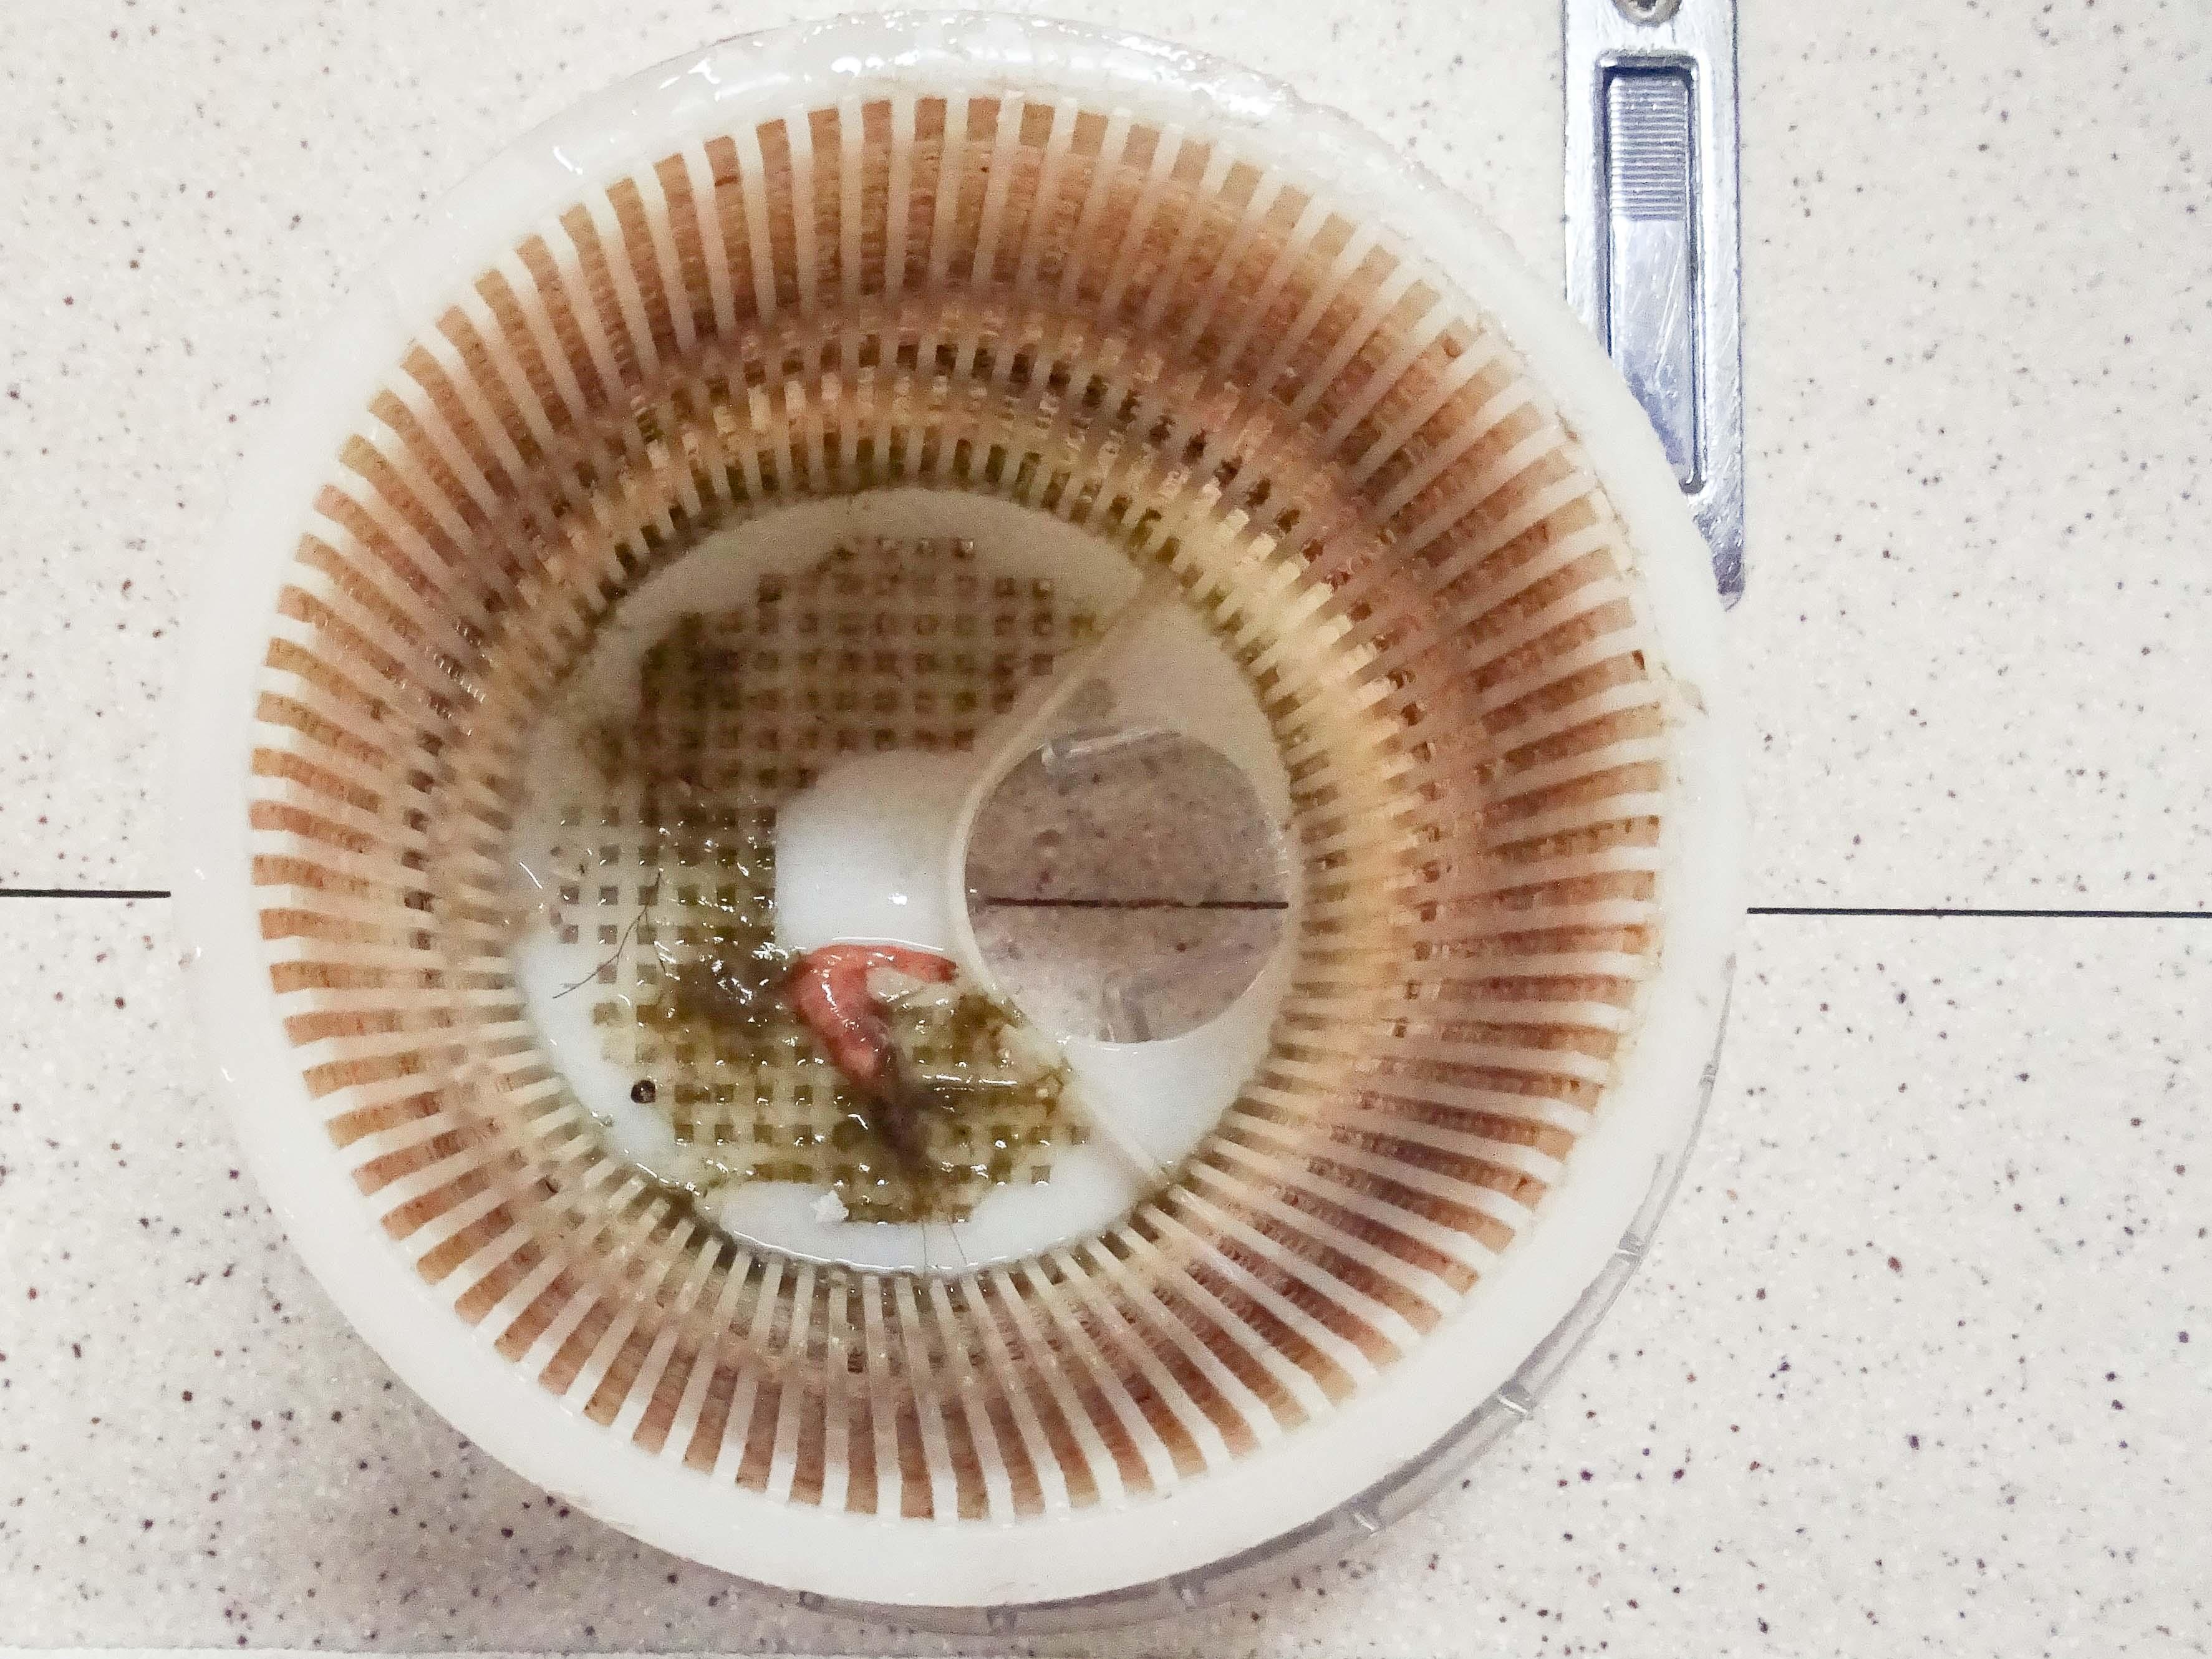 Krabbe im Seewasserfilter - regelmäßige Inspektionen sind wohl nötig